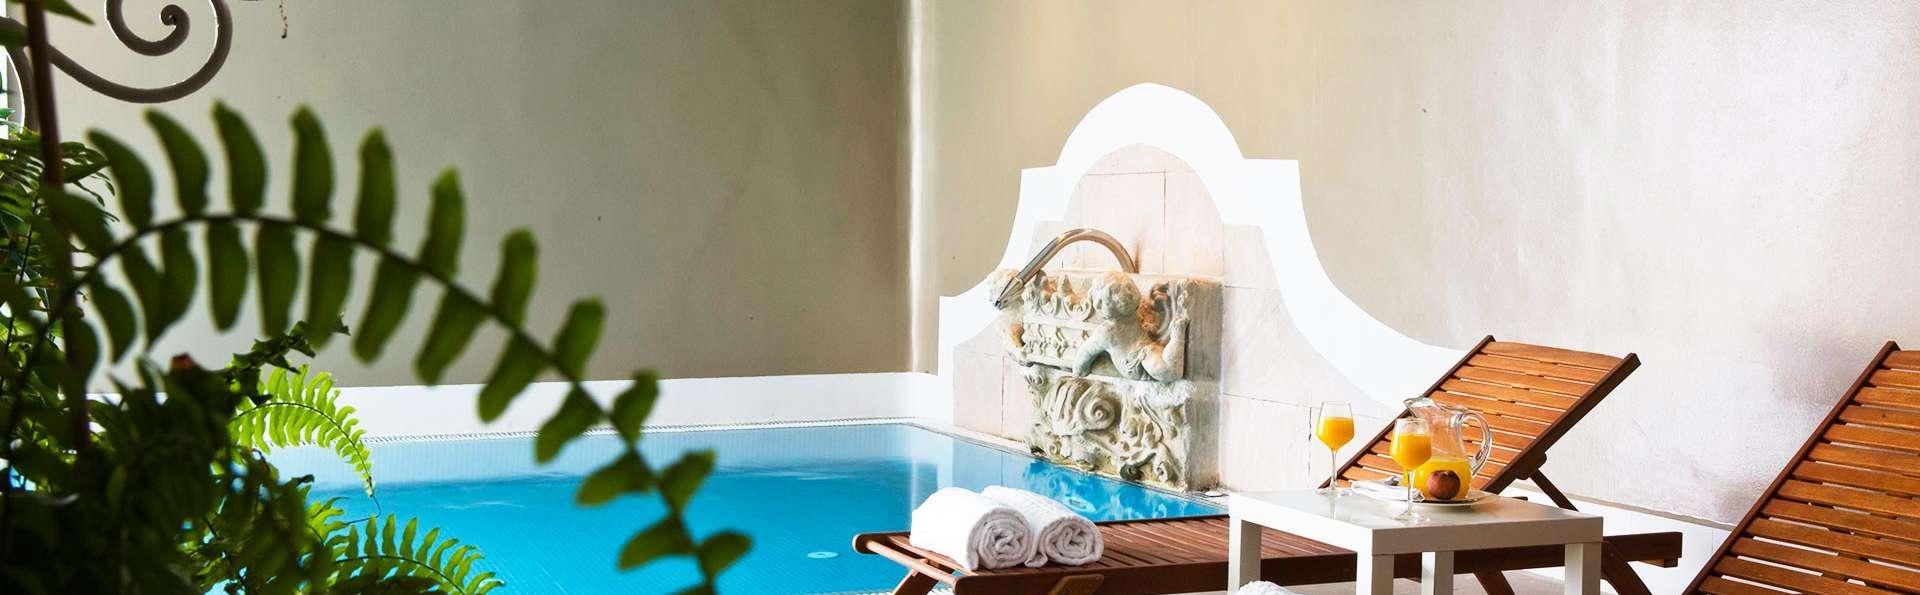 Escapade détente avec piscine chauffée dans un environnement calme près de Bilbao